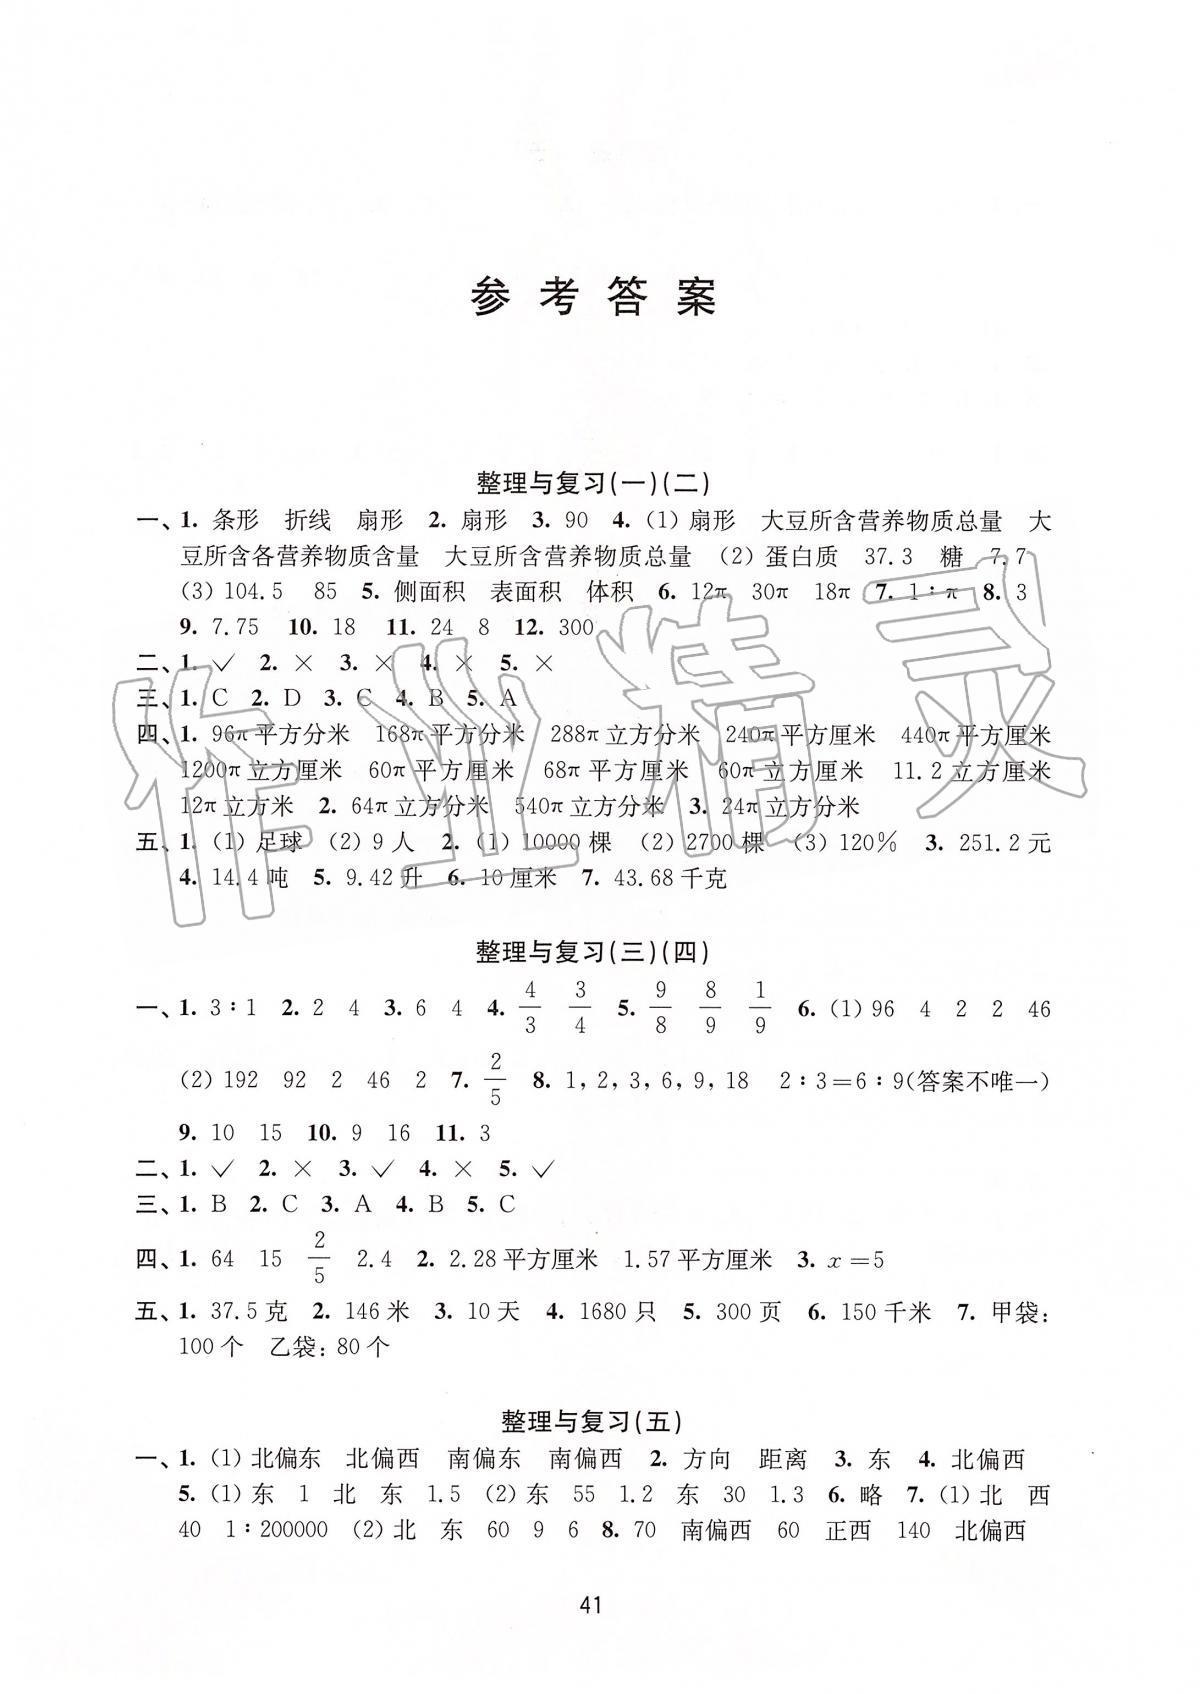 2020年小学数学强化练习六年级下册苏教版第1页